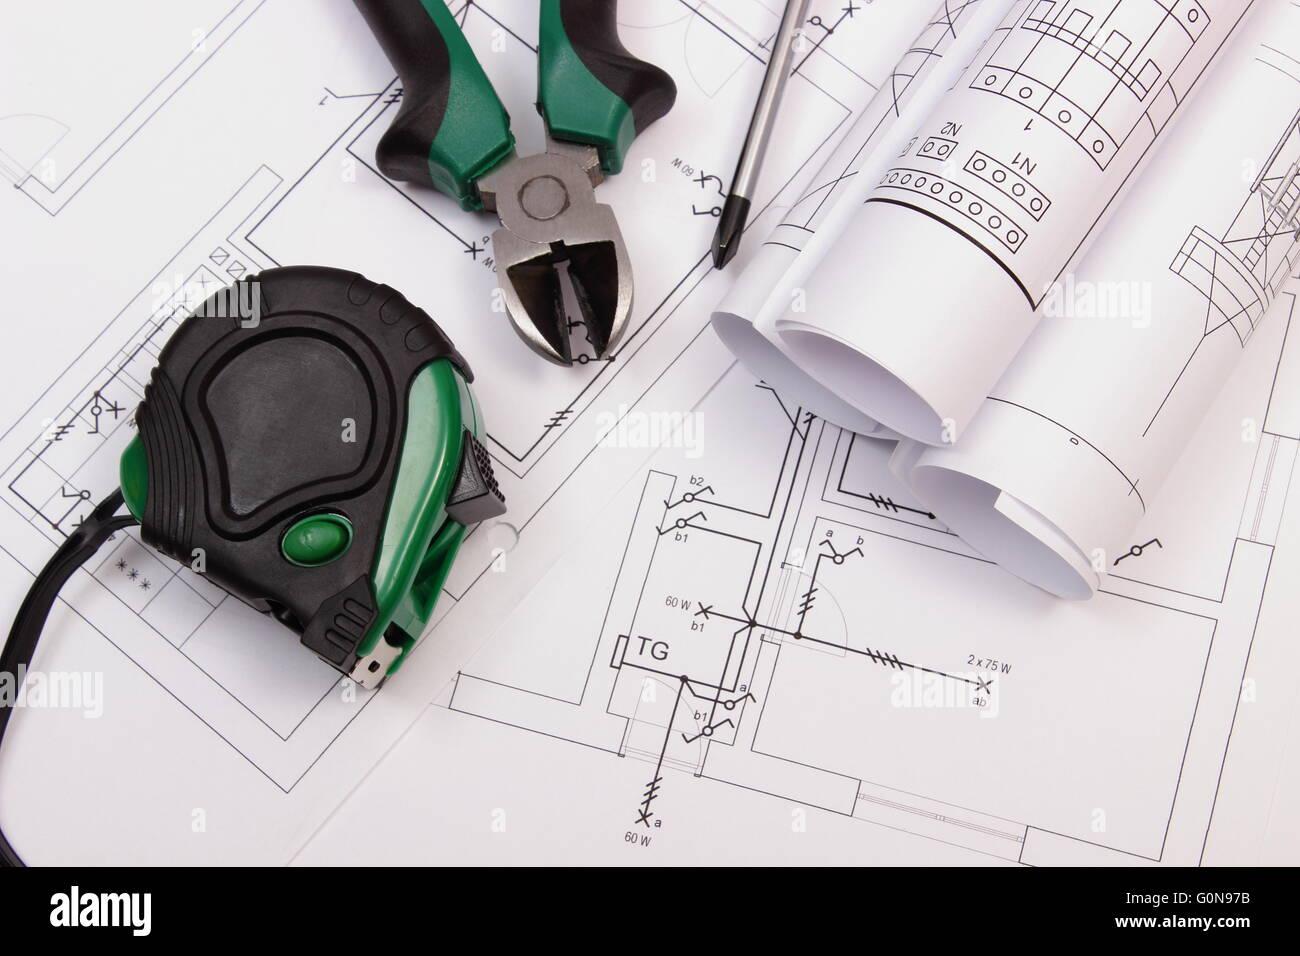 Metall Zangen, Schraubenzieher, Maßband Und Rollen Von Diagrammen Auf  Elektrische Konstruktionszeichnung Des Stockbild